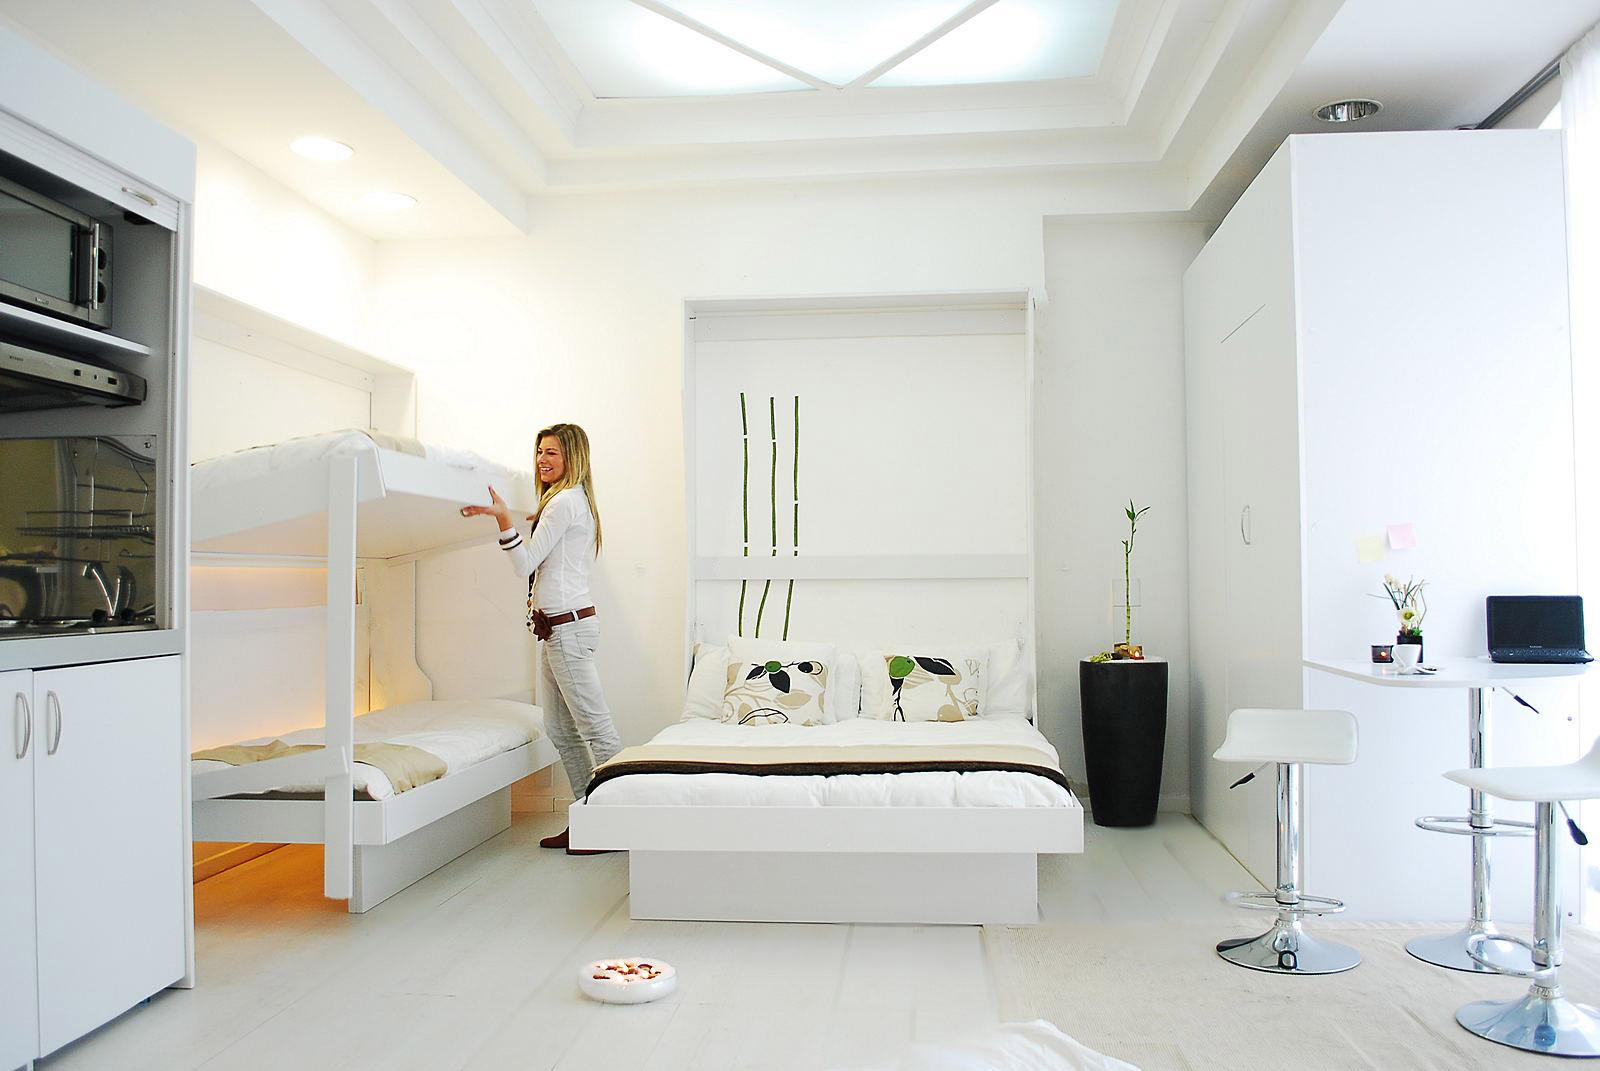 Ottimizzare gli spazi il letto a scomparsa e gli altri arredi trasformabili arredamento design - Letto a scomparsa fai da te ...